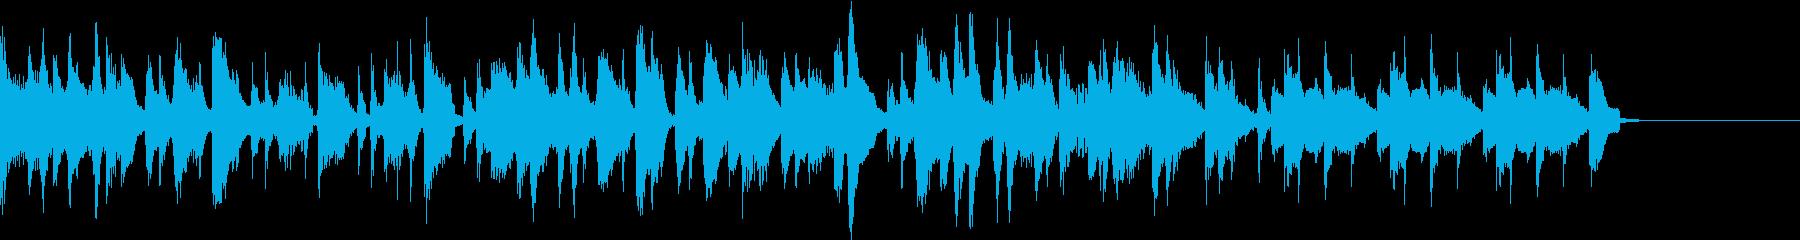 アップライトピアノのトロピカルナンバーの再生済みの波形